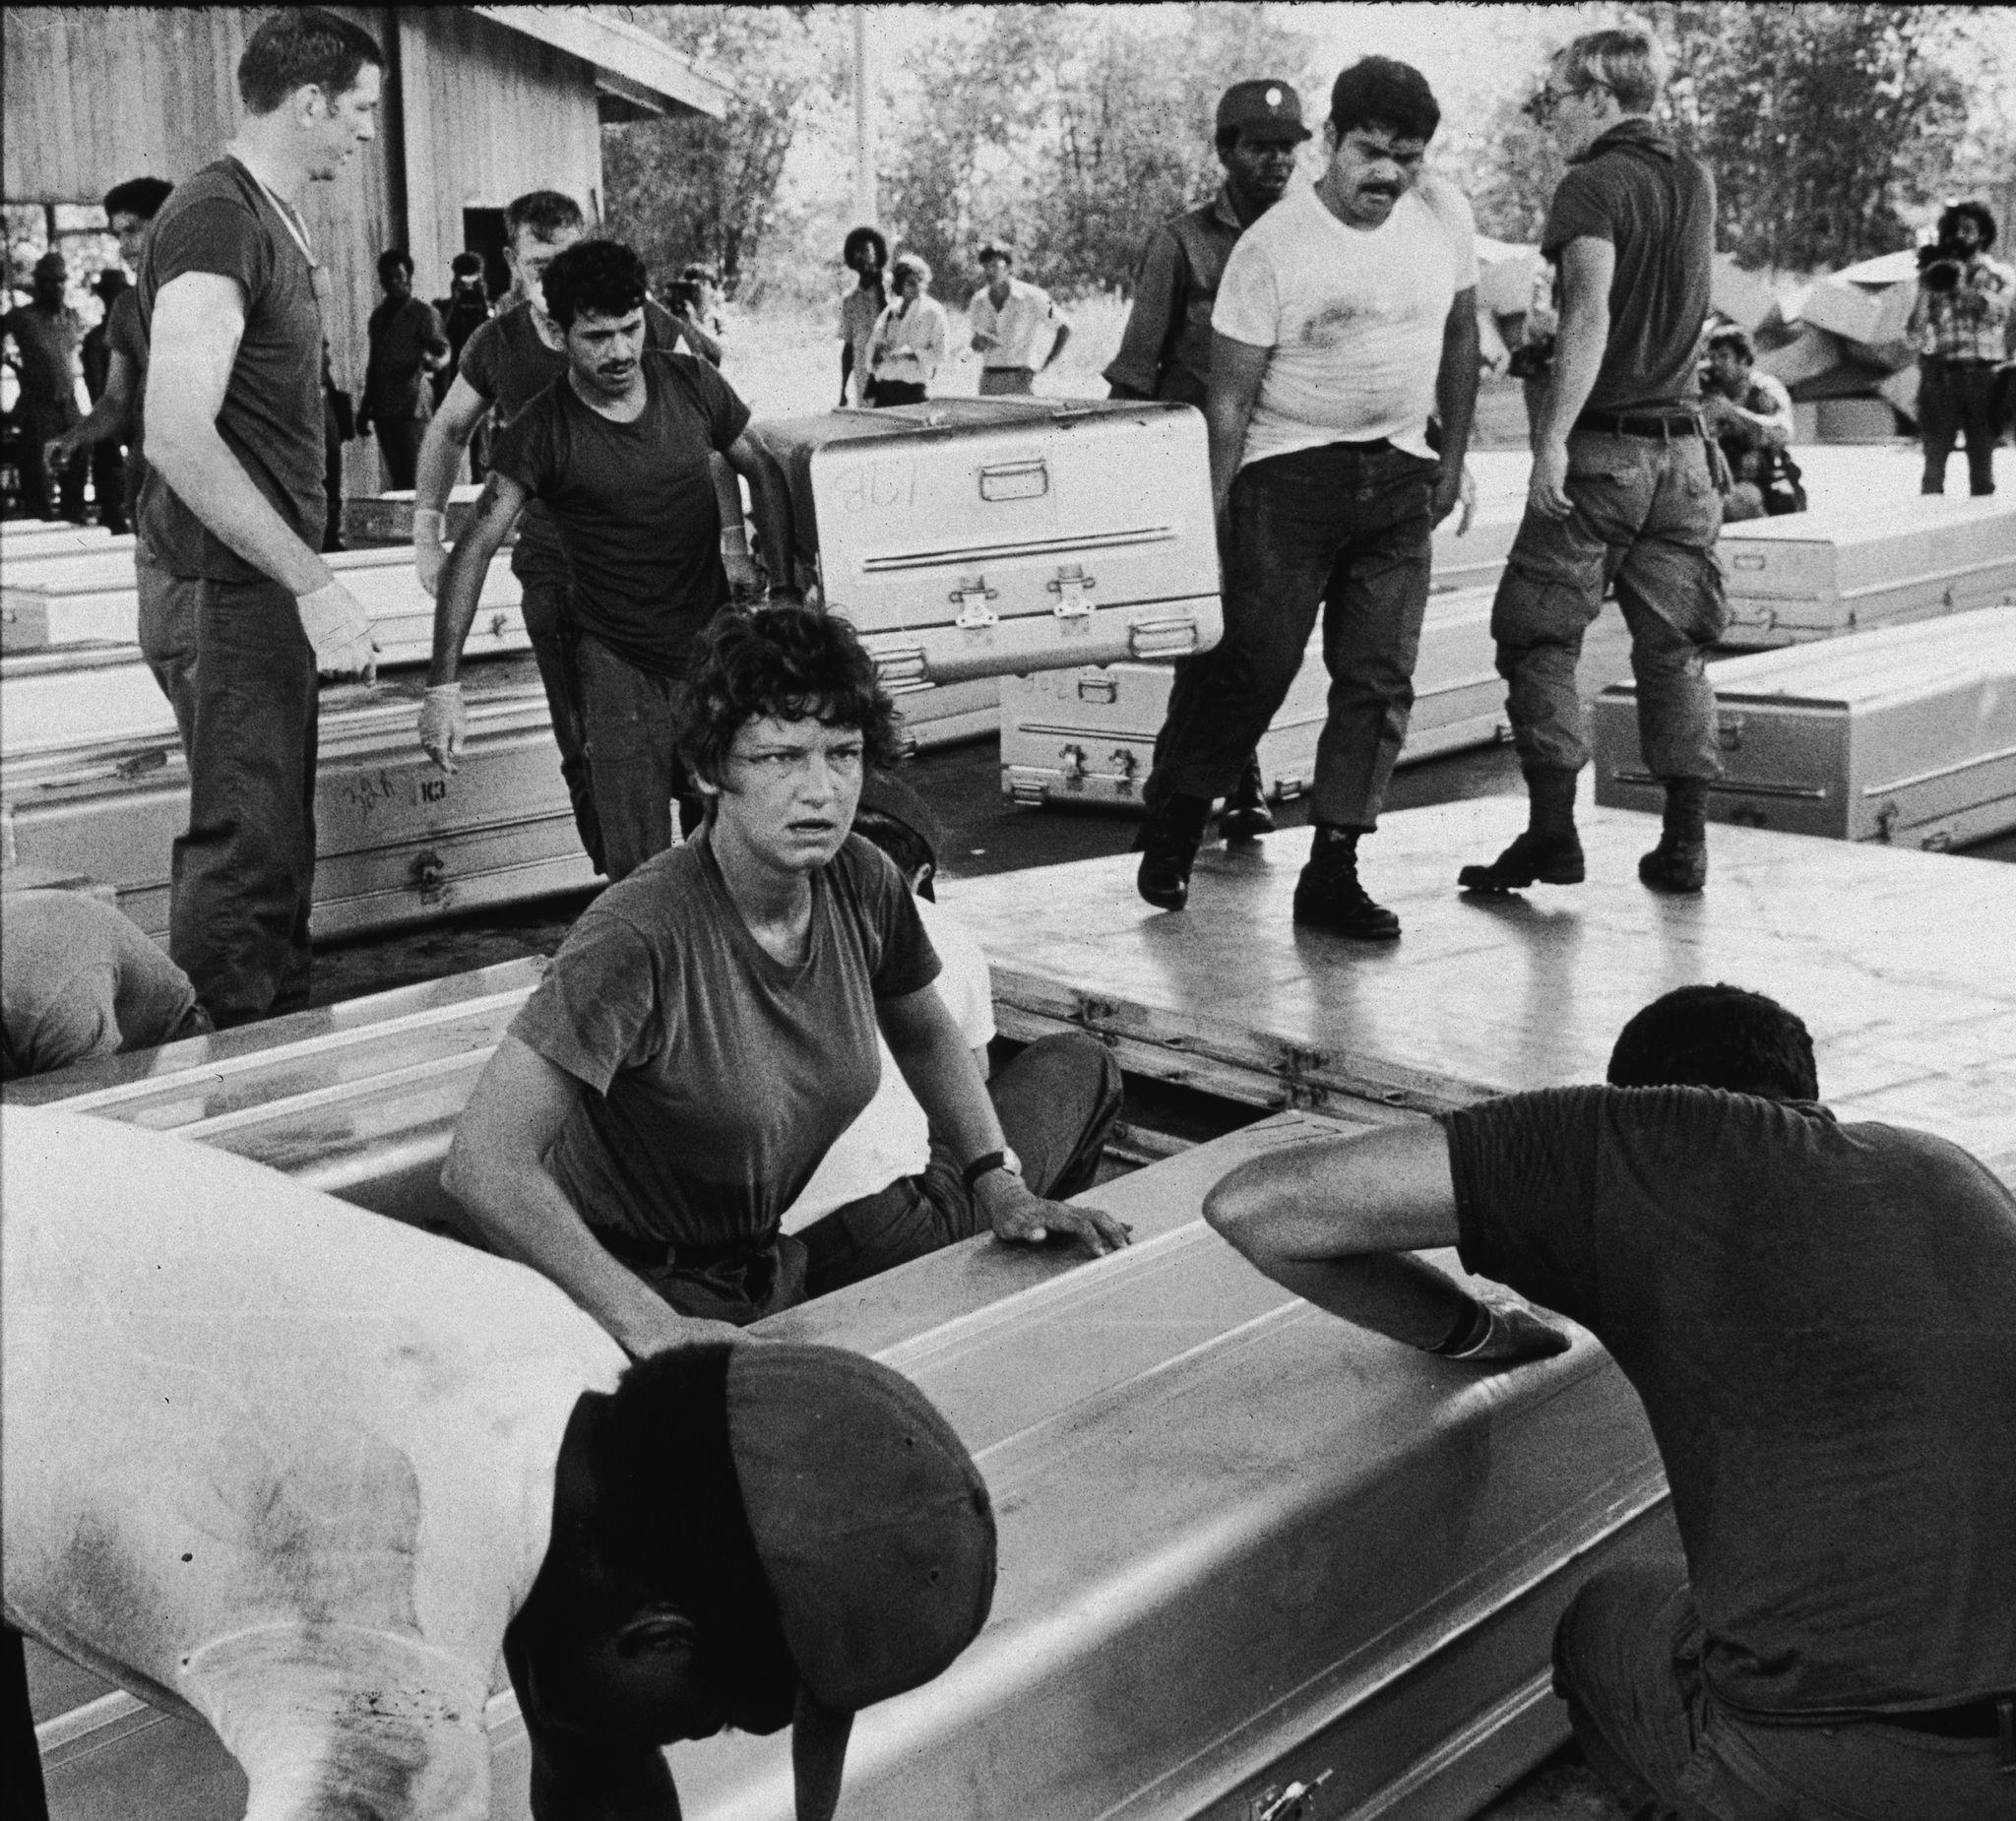 1978.Члены американской военной группы готовят алюминиевые гробы для отправки в Соединенные Штаты 24 ноября.jpg